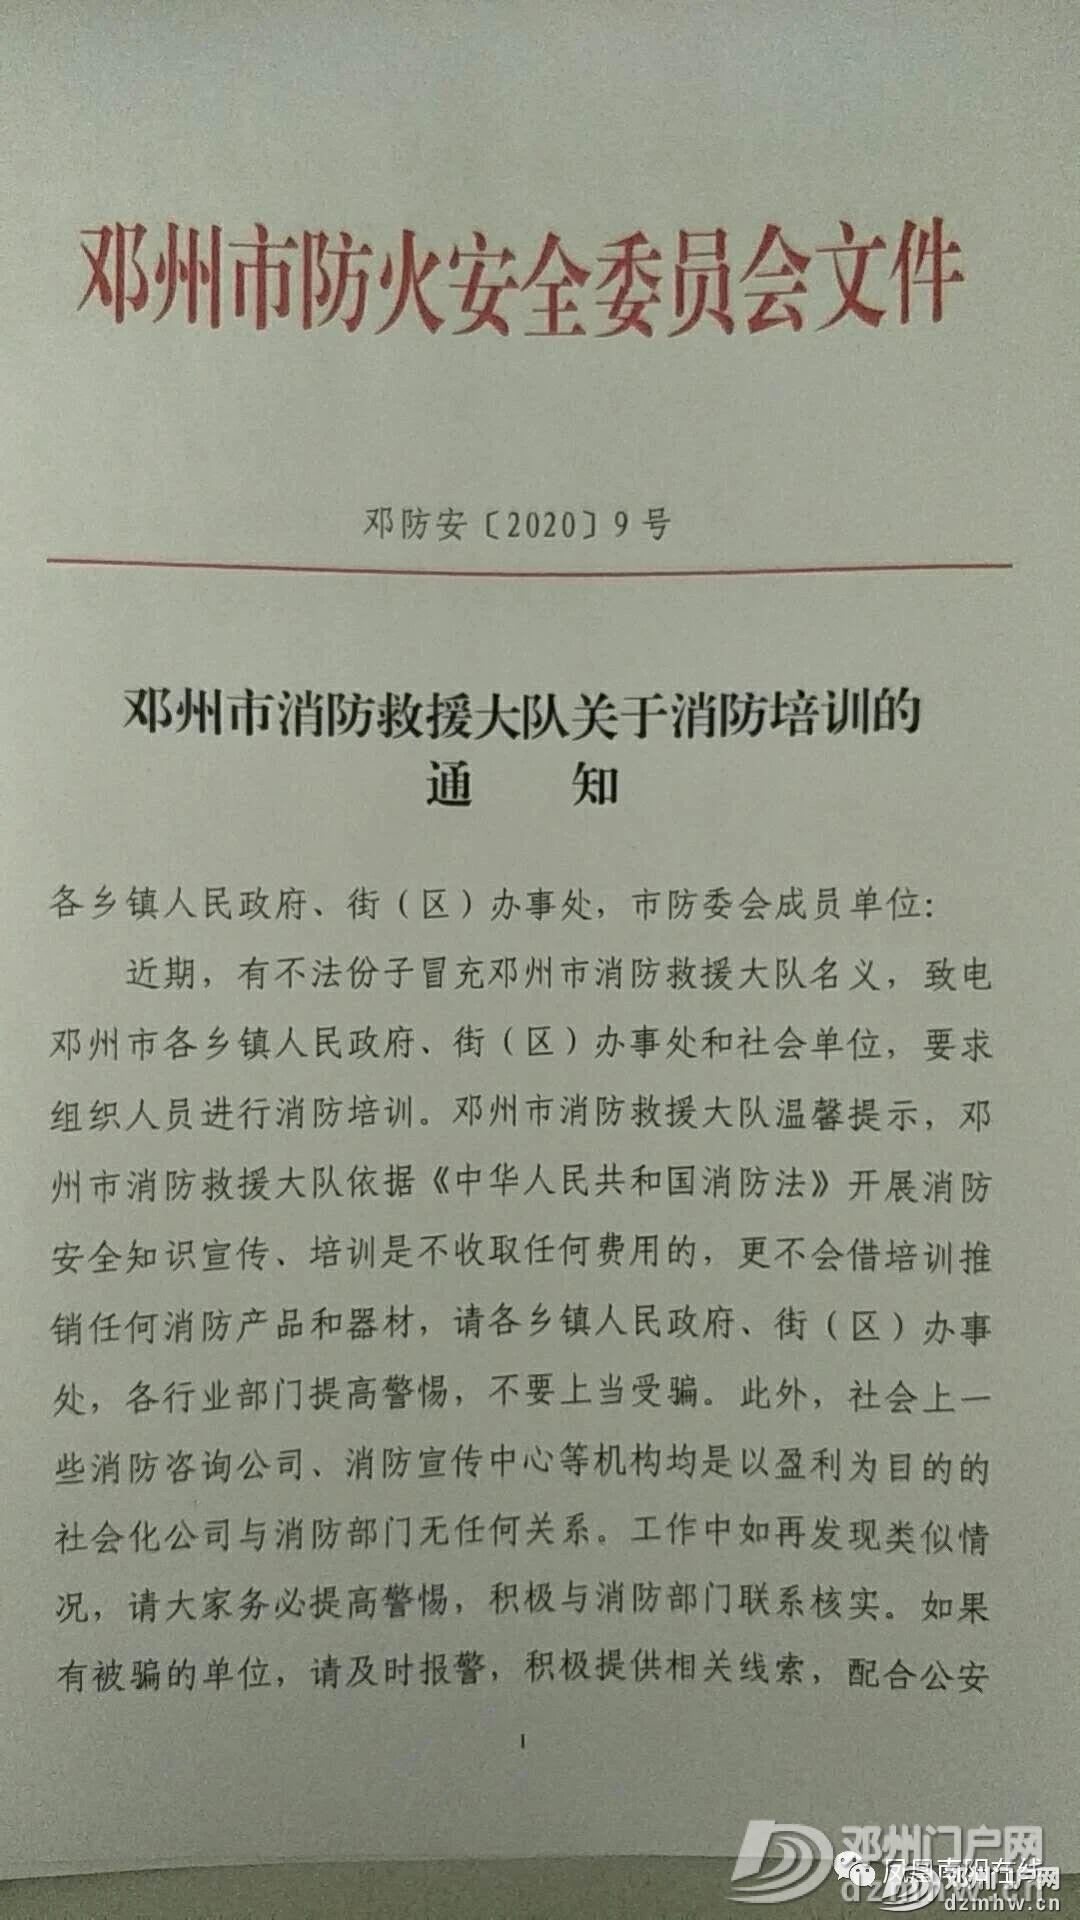 警惕:有不法分子冒充邓州市消防救援大队要求单位培训! - 邓州门户网|邓州网 - 5d7e387219f2e7f42a6f6ef7ce8fcdf0.jpg